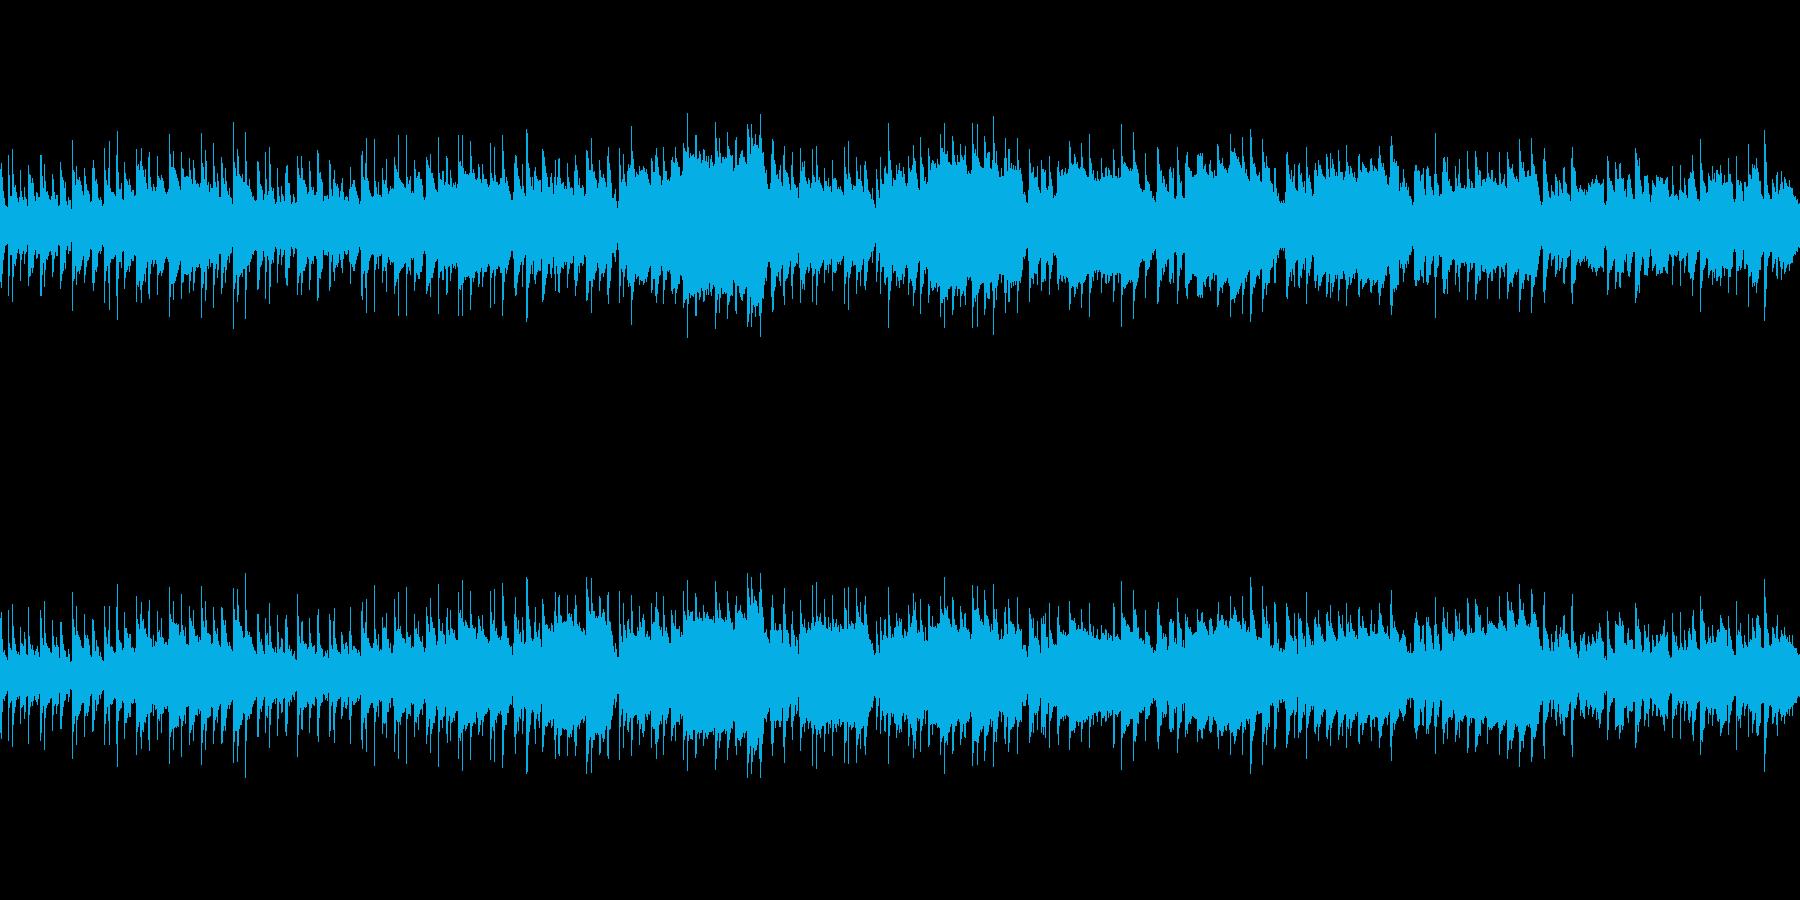 日常系アコースティック楽曲(ループ仕様)の再生済みの波形